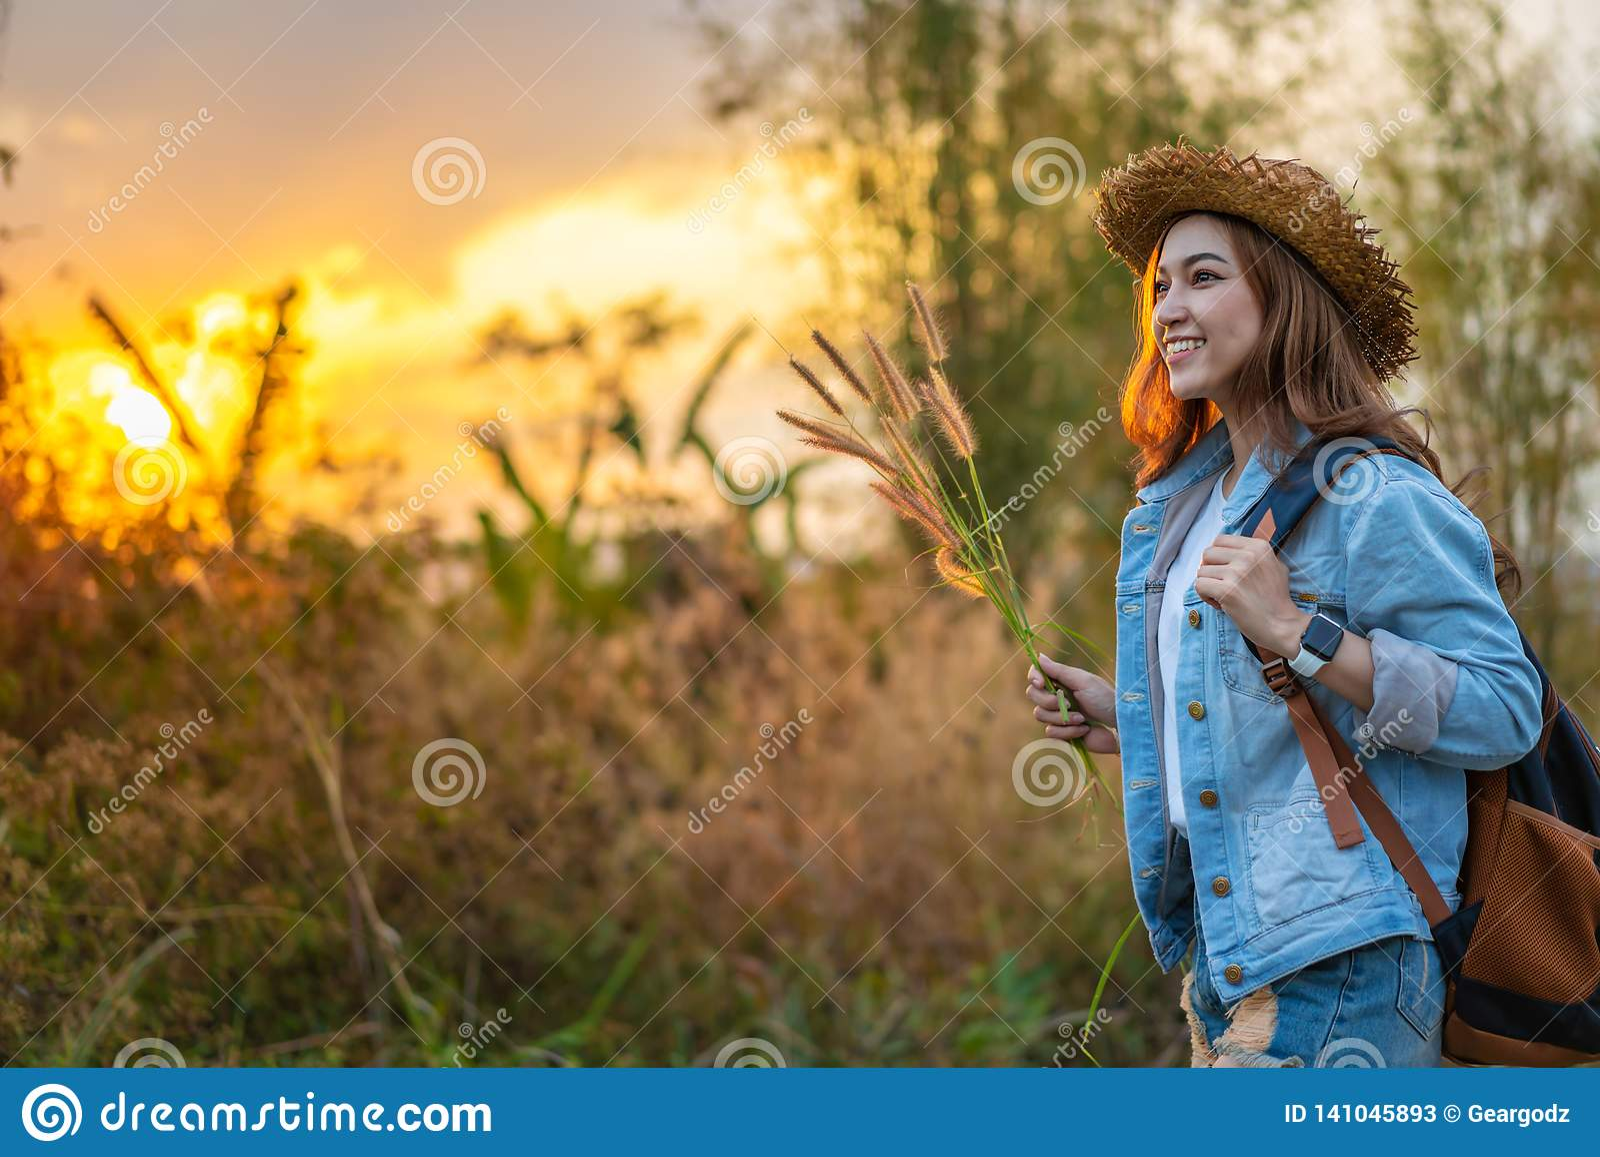 Żeński turysta z plecakiem w wsi z zmierzchem